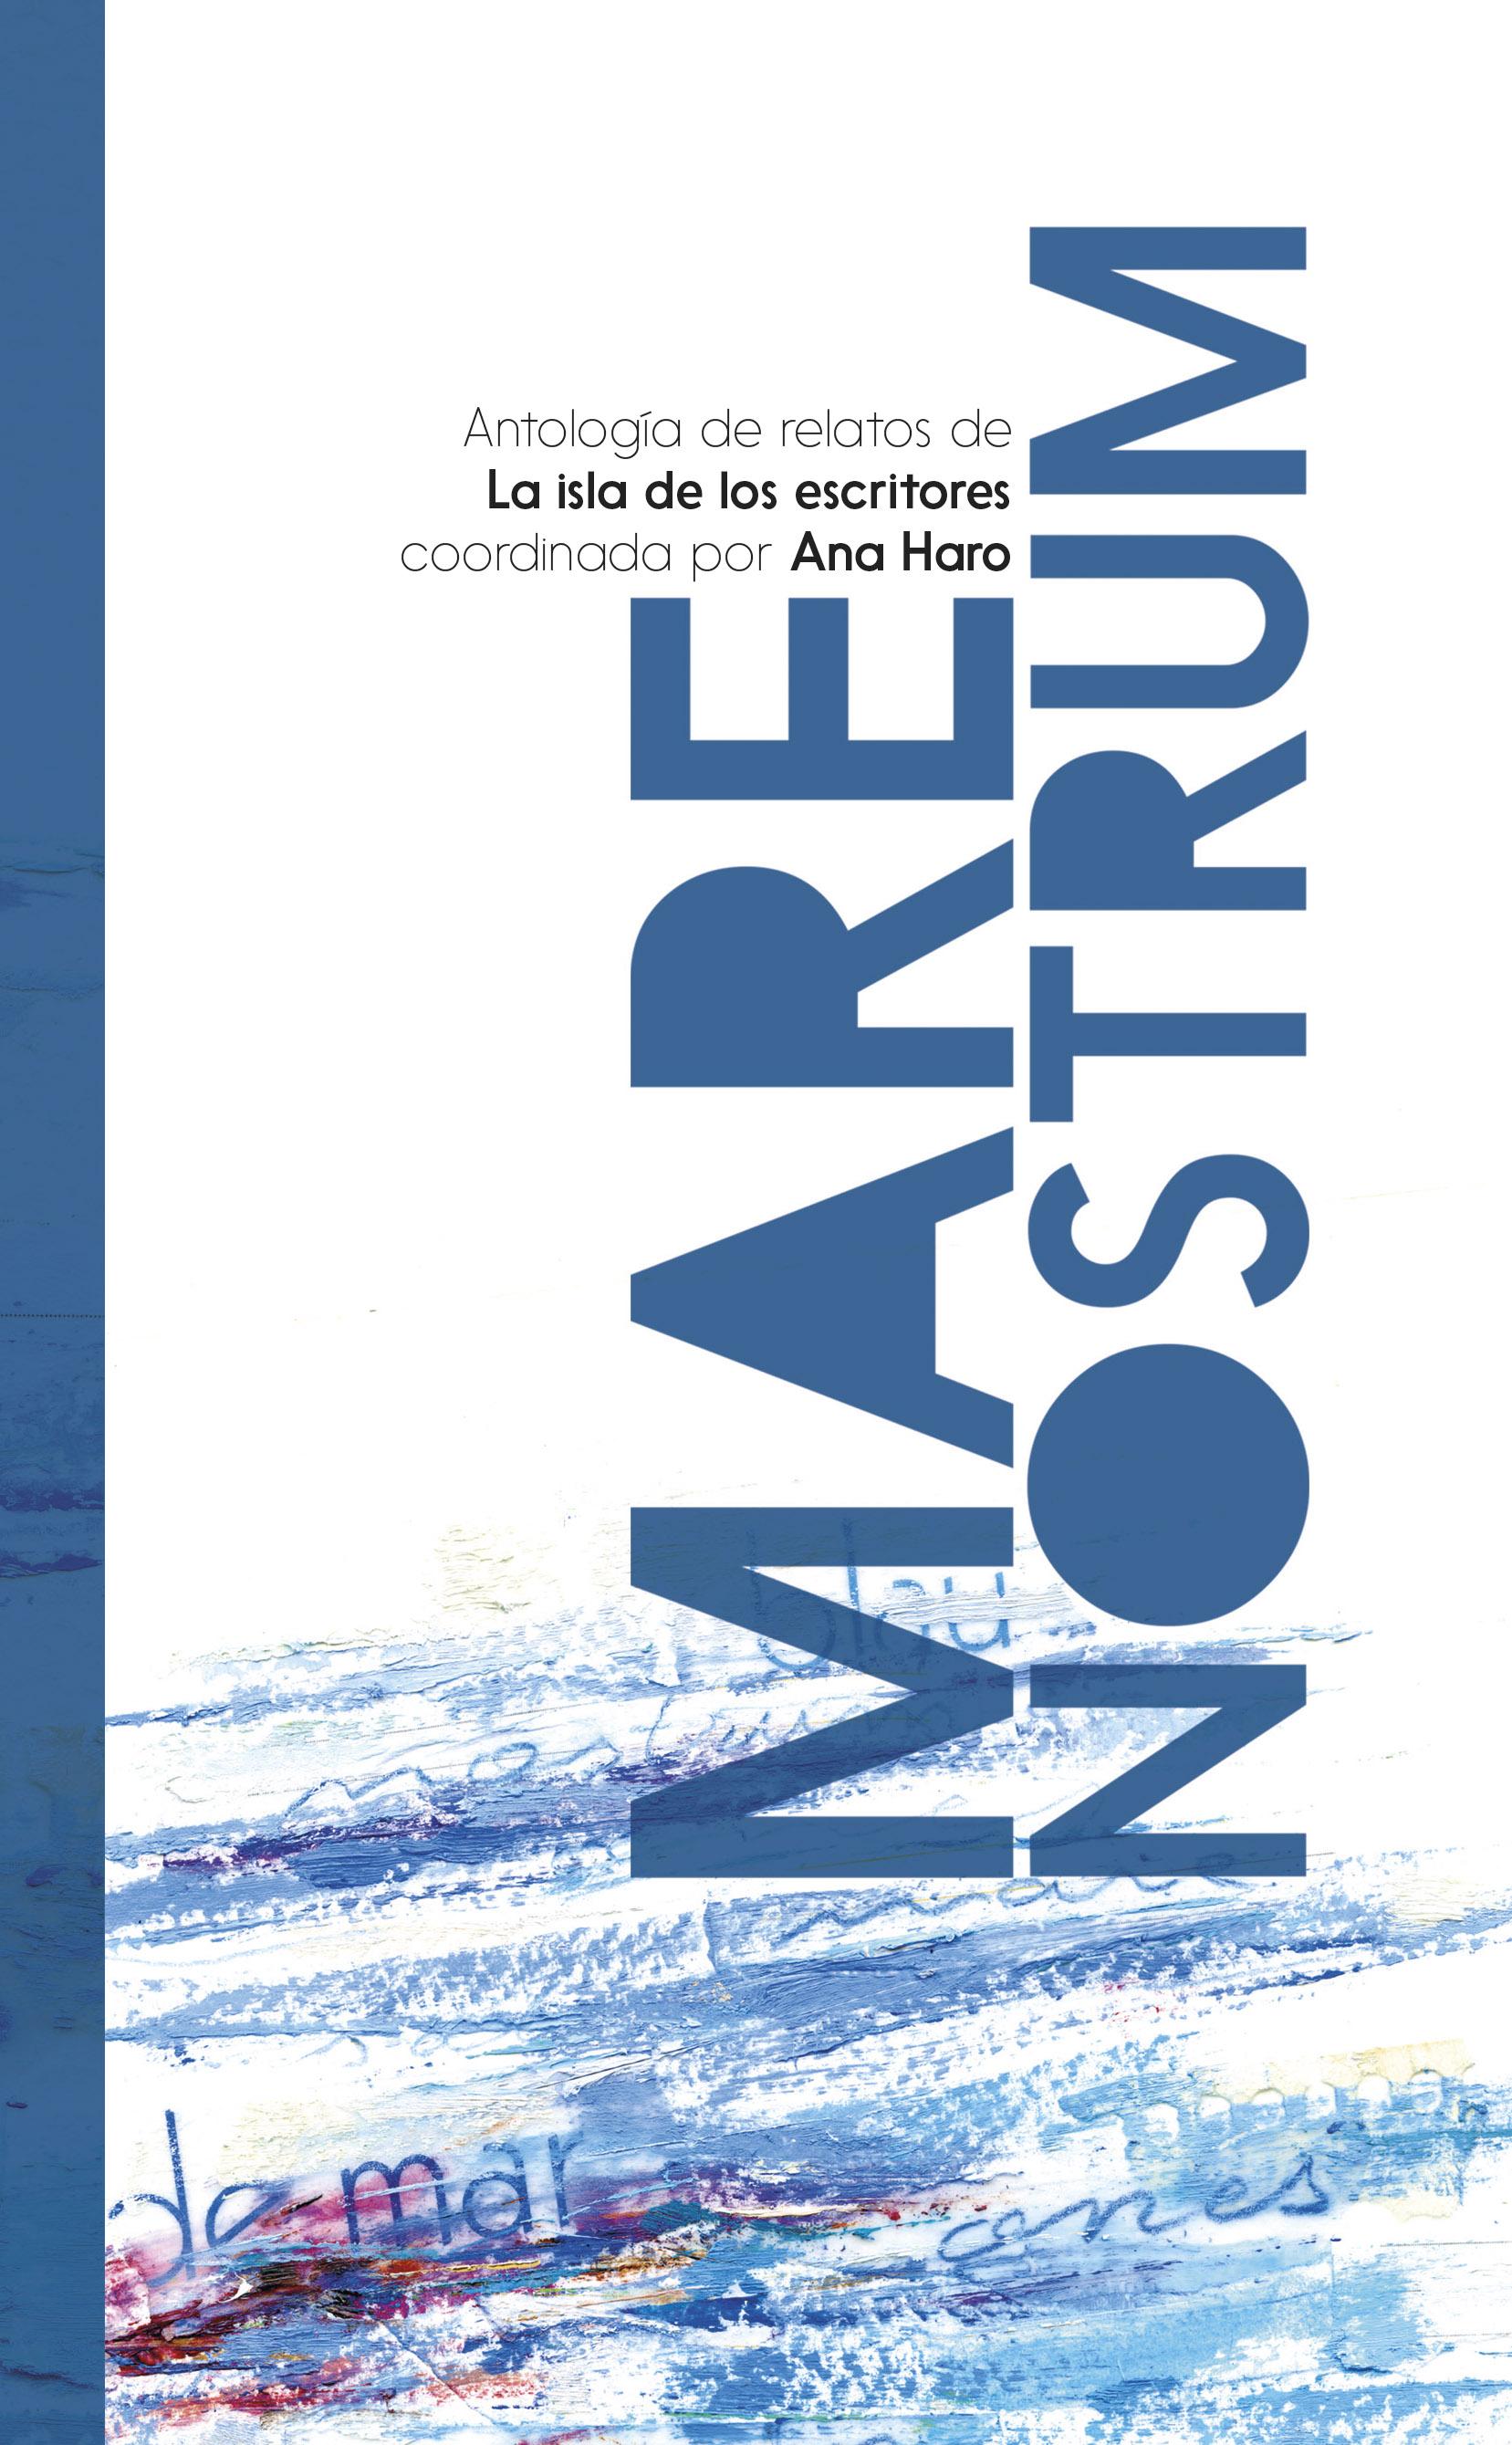 Antología Mare Nostrum